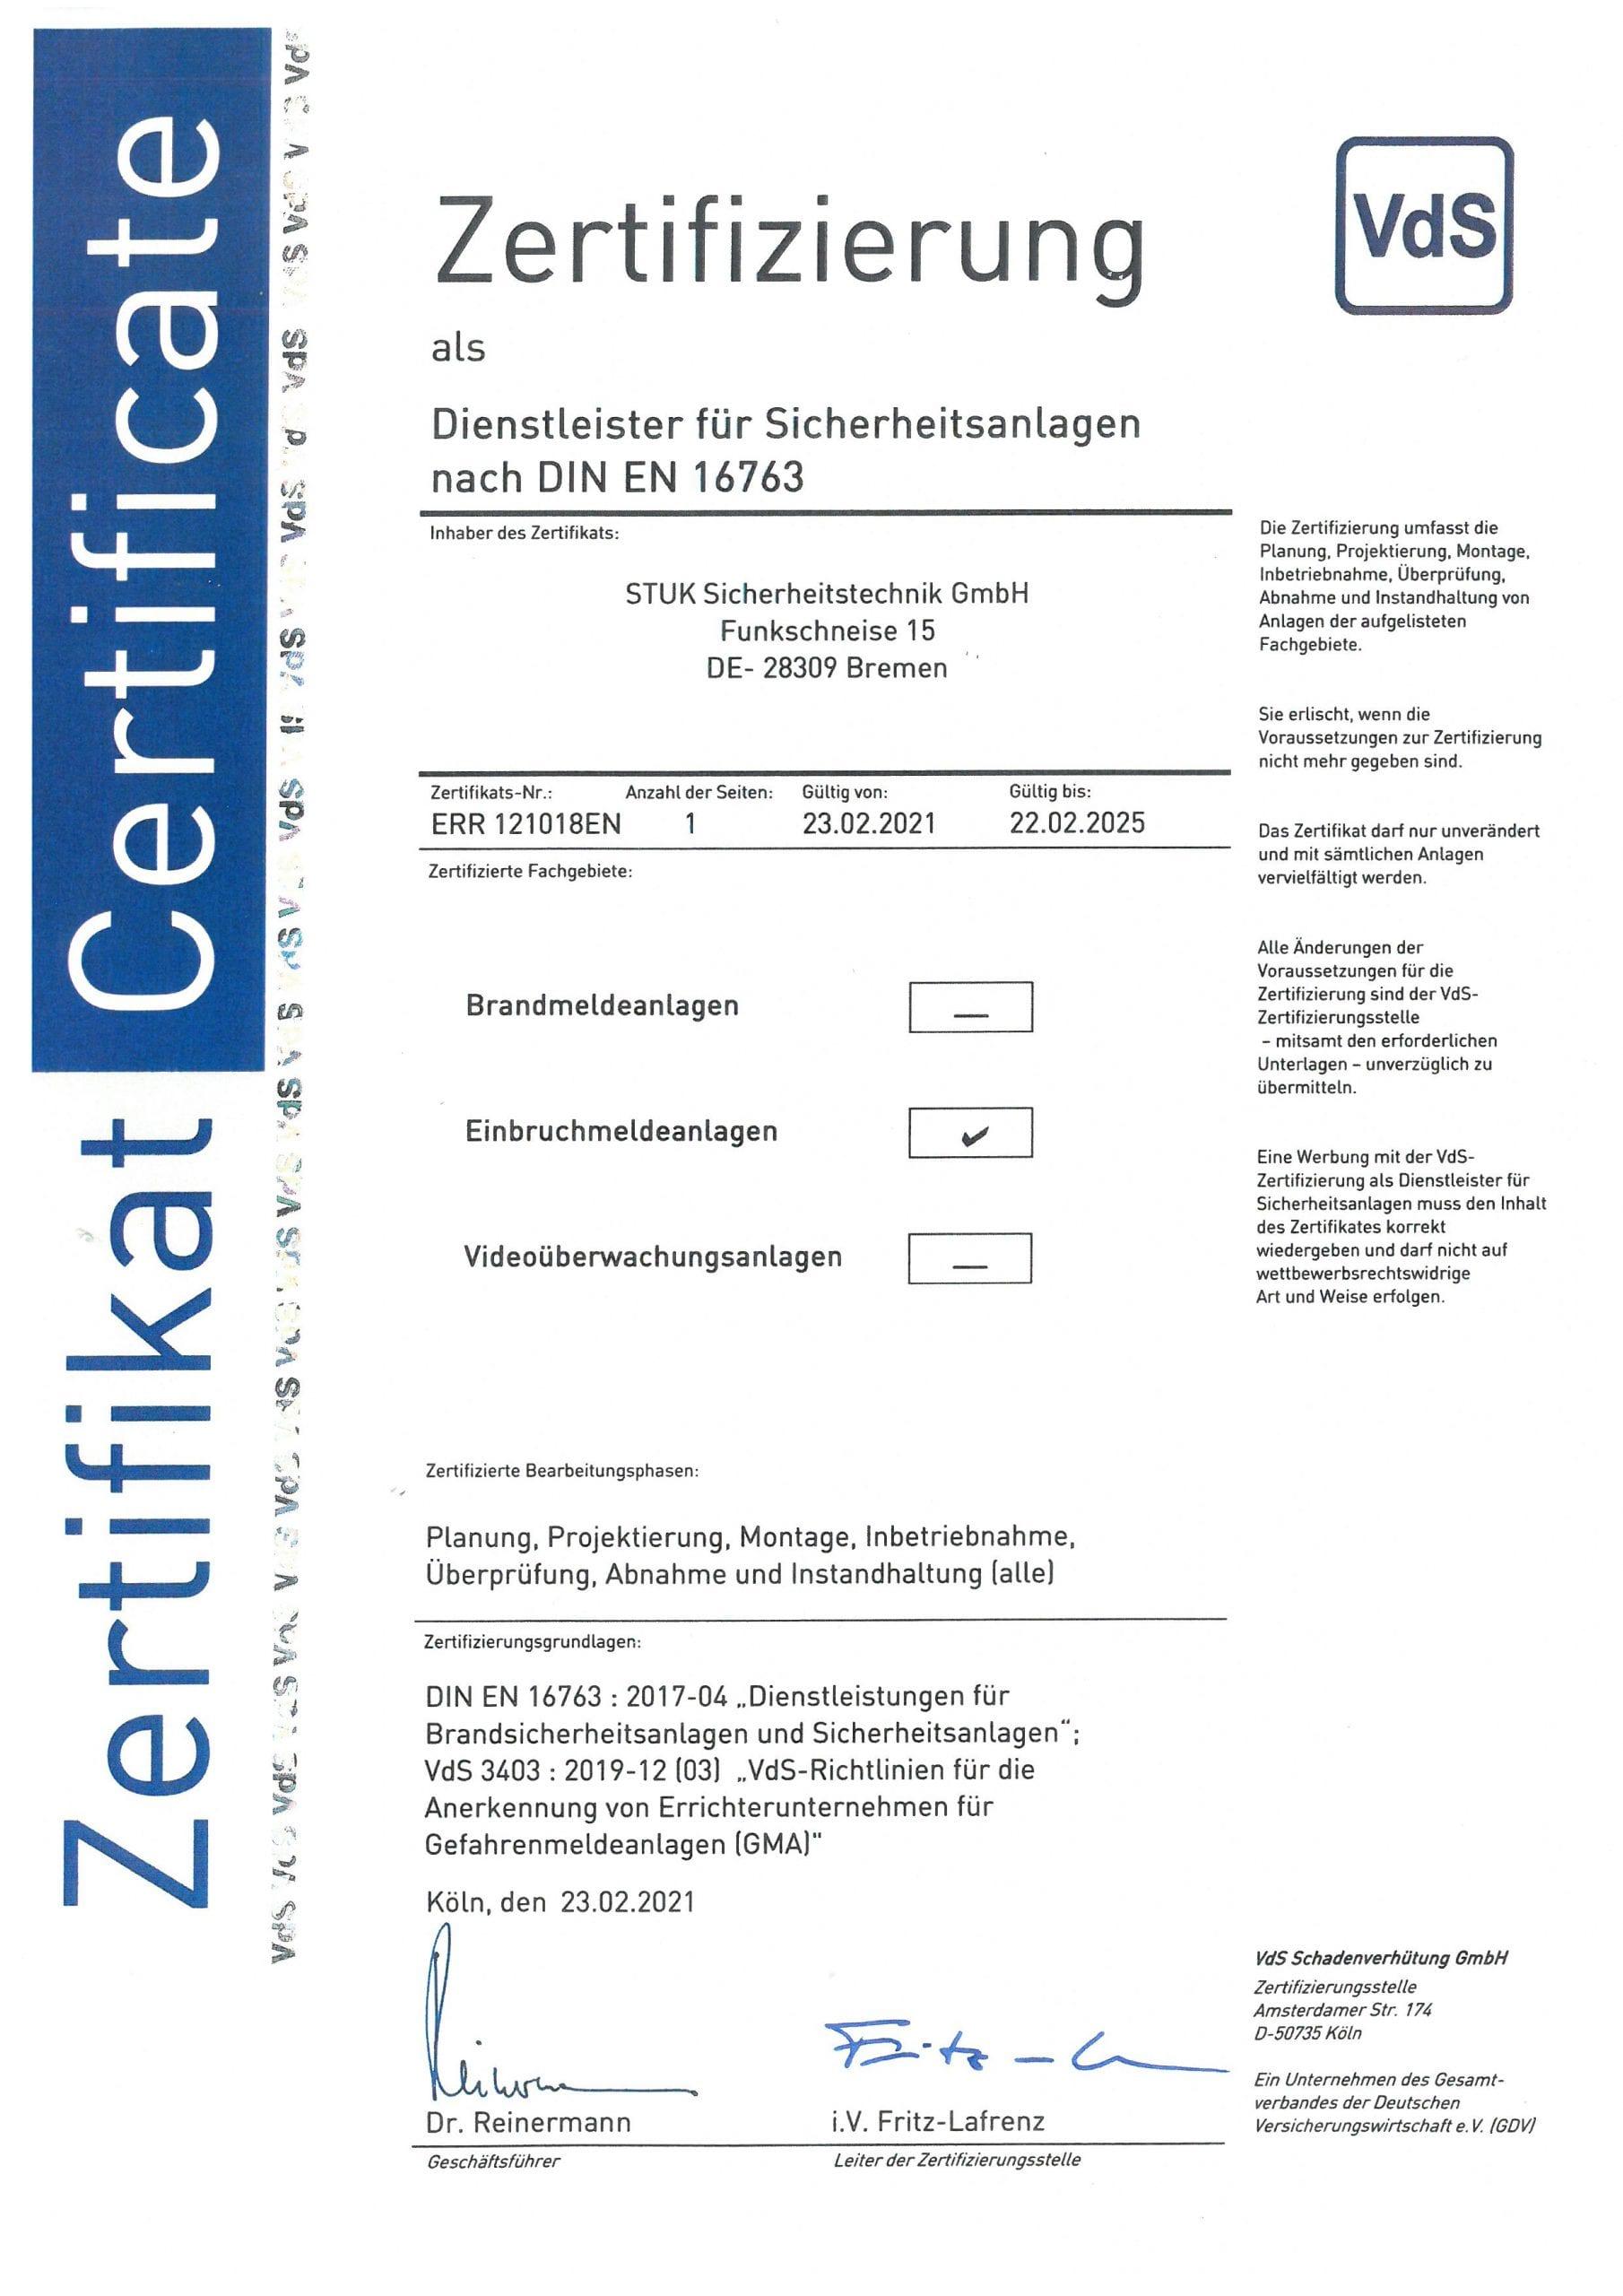 VdS Zertifizierung Sicherheitsanlagen